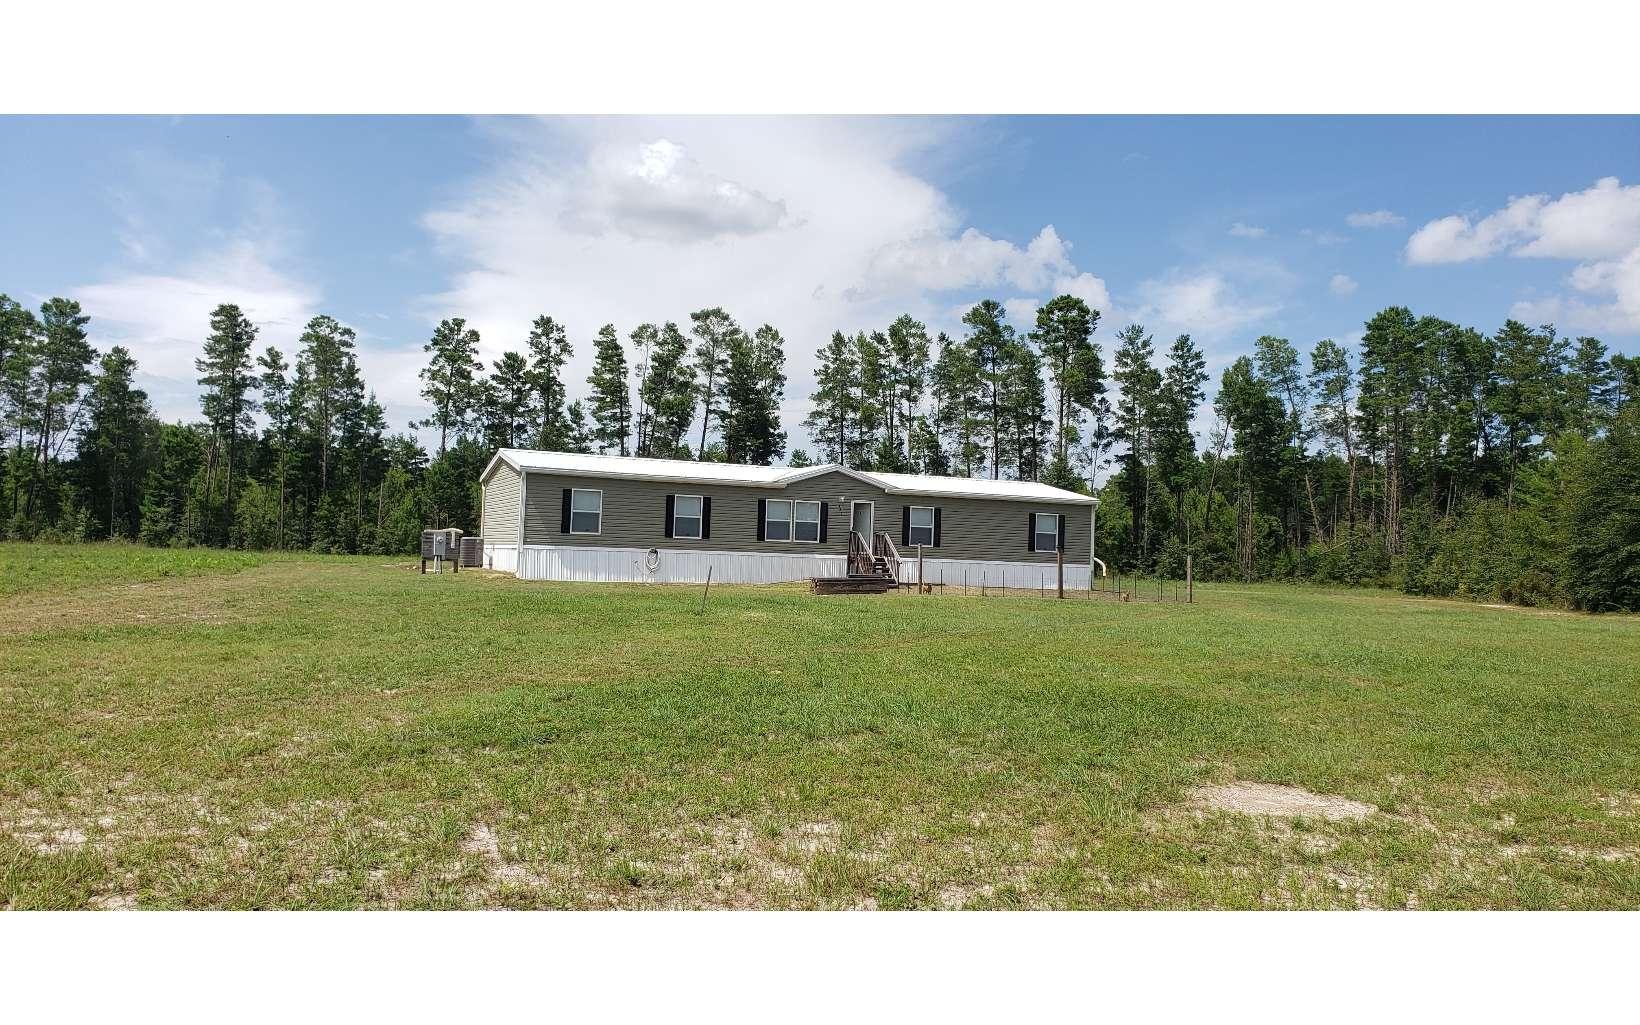 827 Beulah Church Rd, Lee, FL 32059